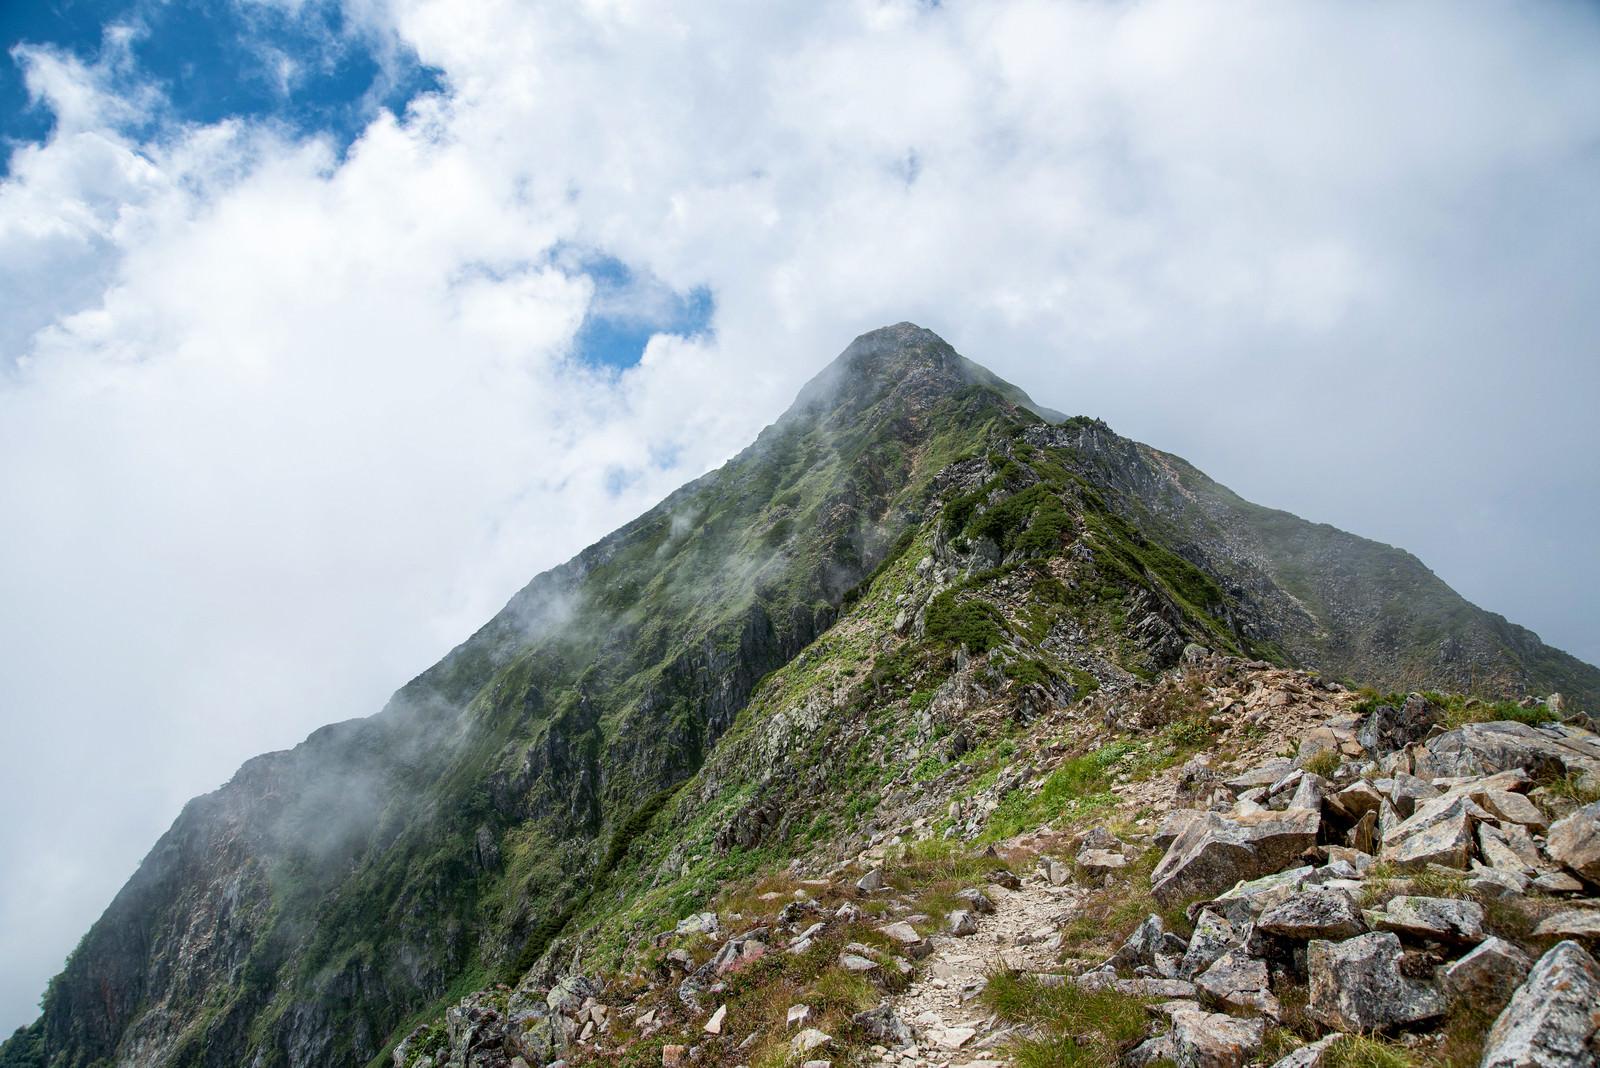 「雲かかる山頂へと続く登山道」の写真